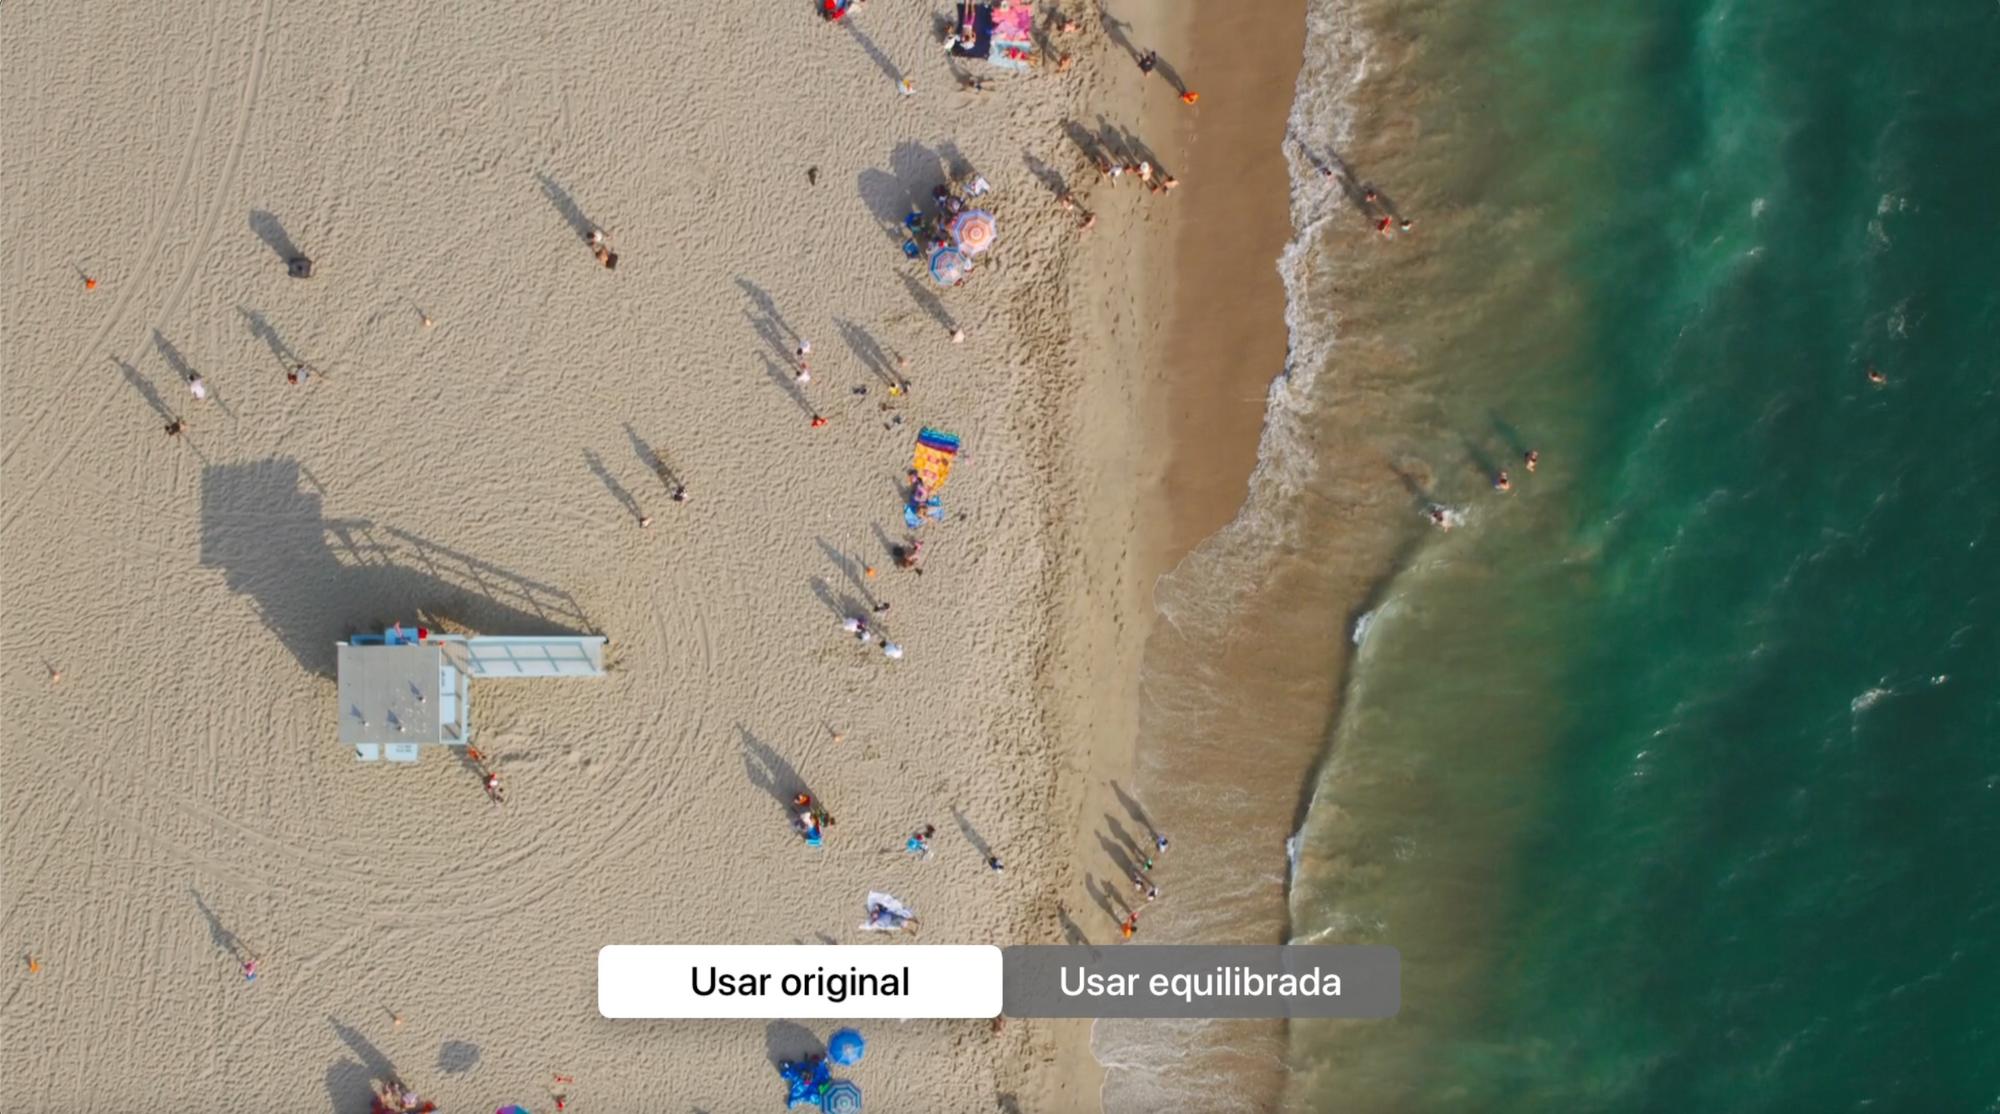 Usar imagem original ou equilibrada na Apple TV